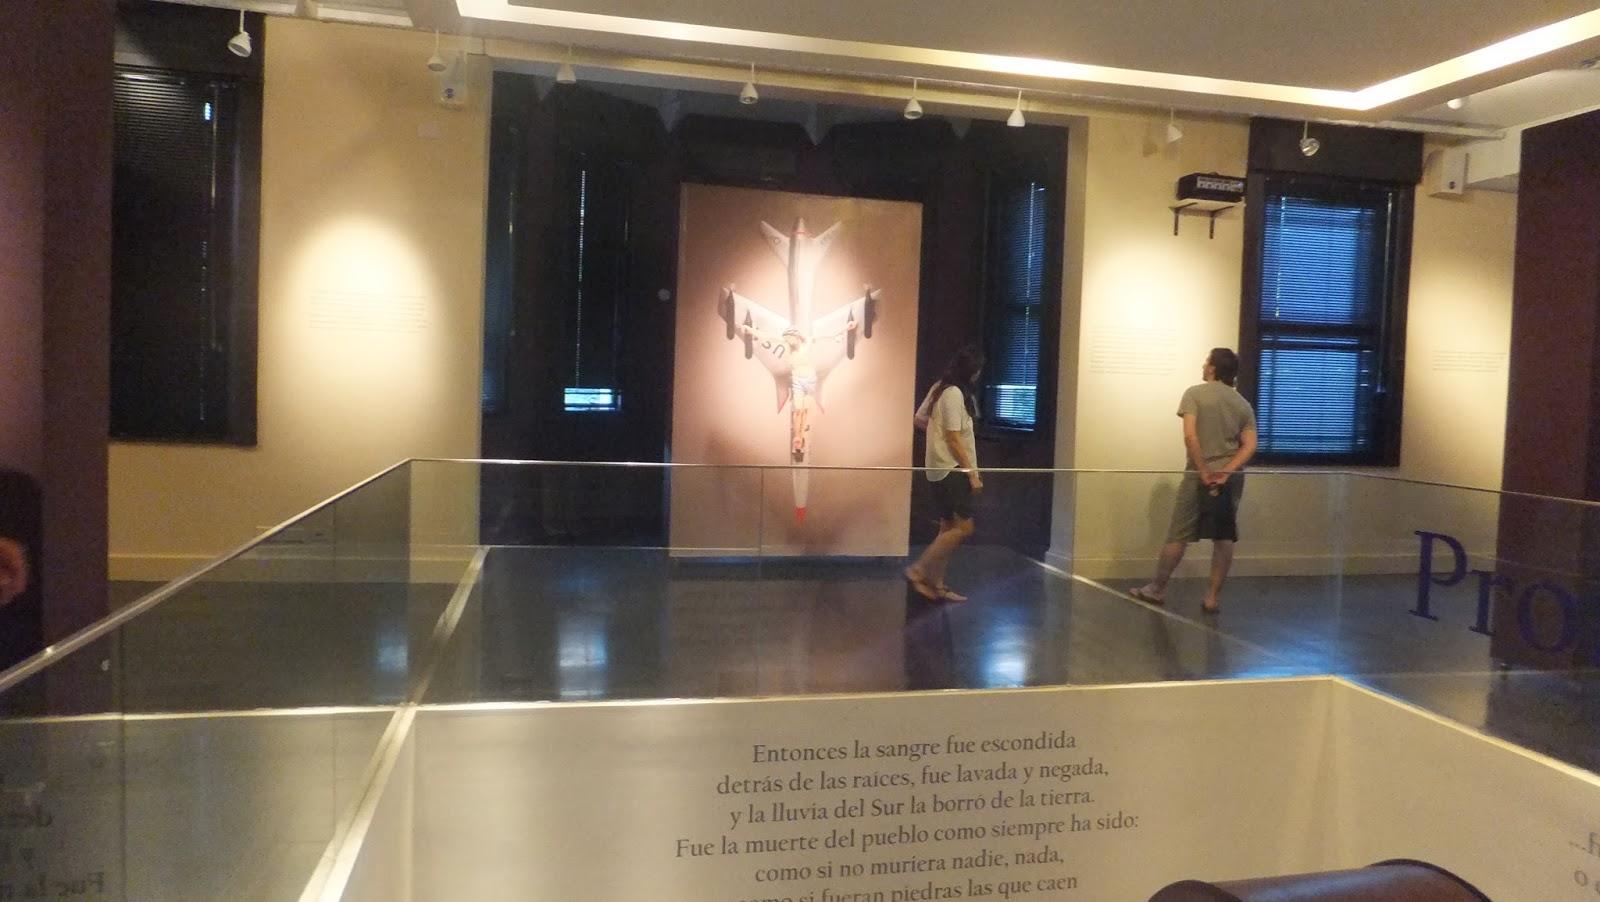 León Ferrari, Museo de la Memoria, Rosario, Argentina, Elisa N, Blog de Viajes, Lifestyle, Travel